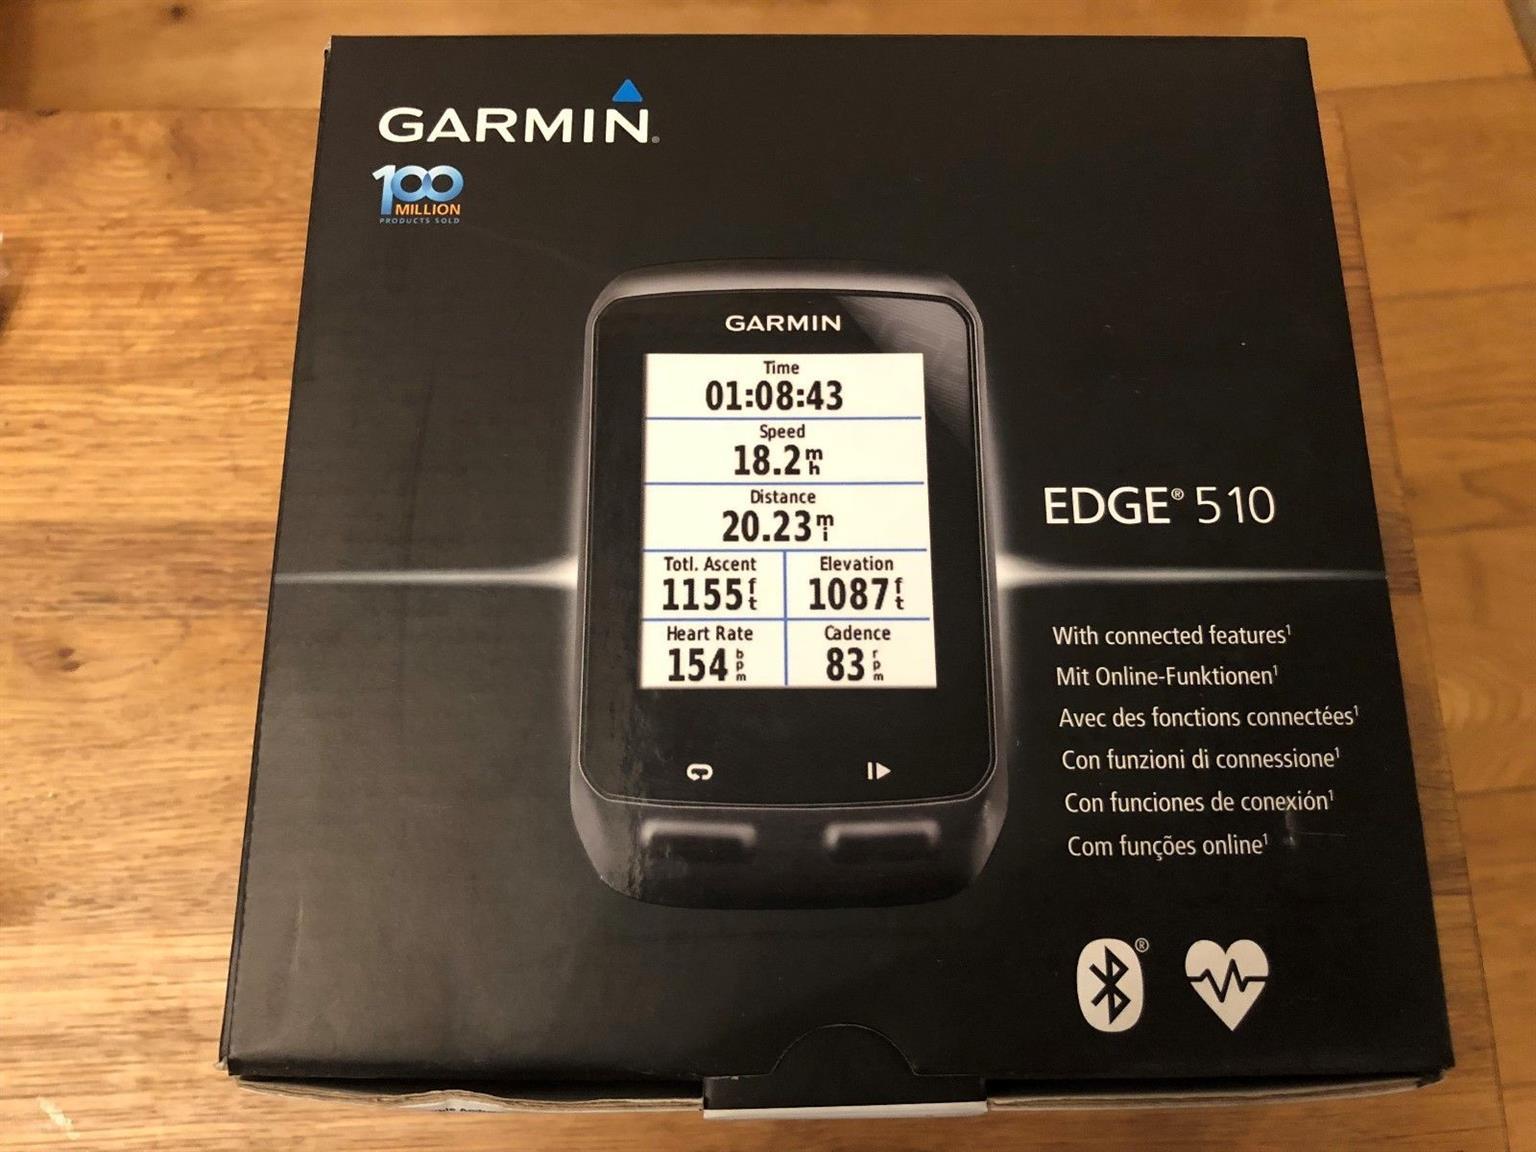 Garmin Edge 510 Bundle